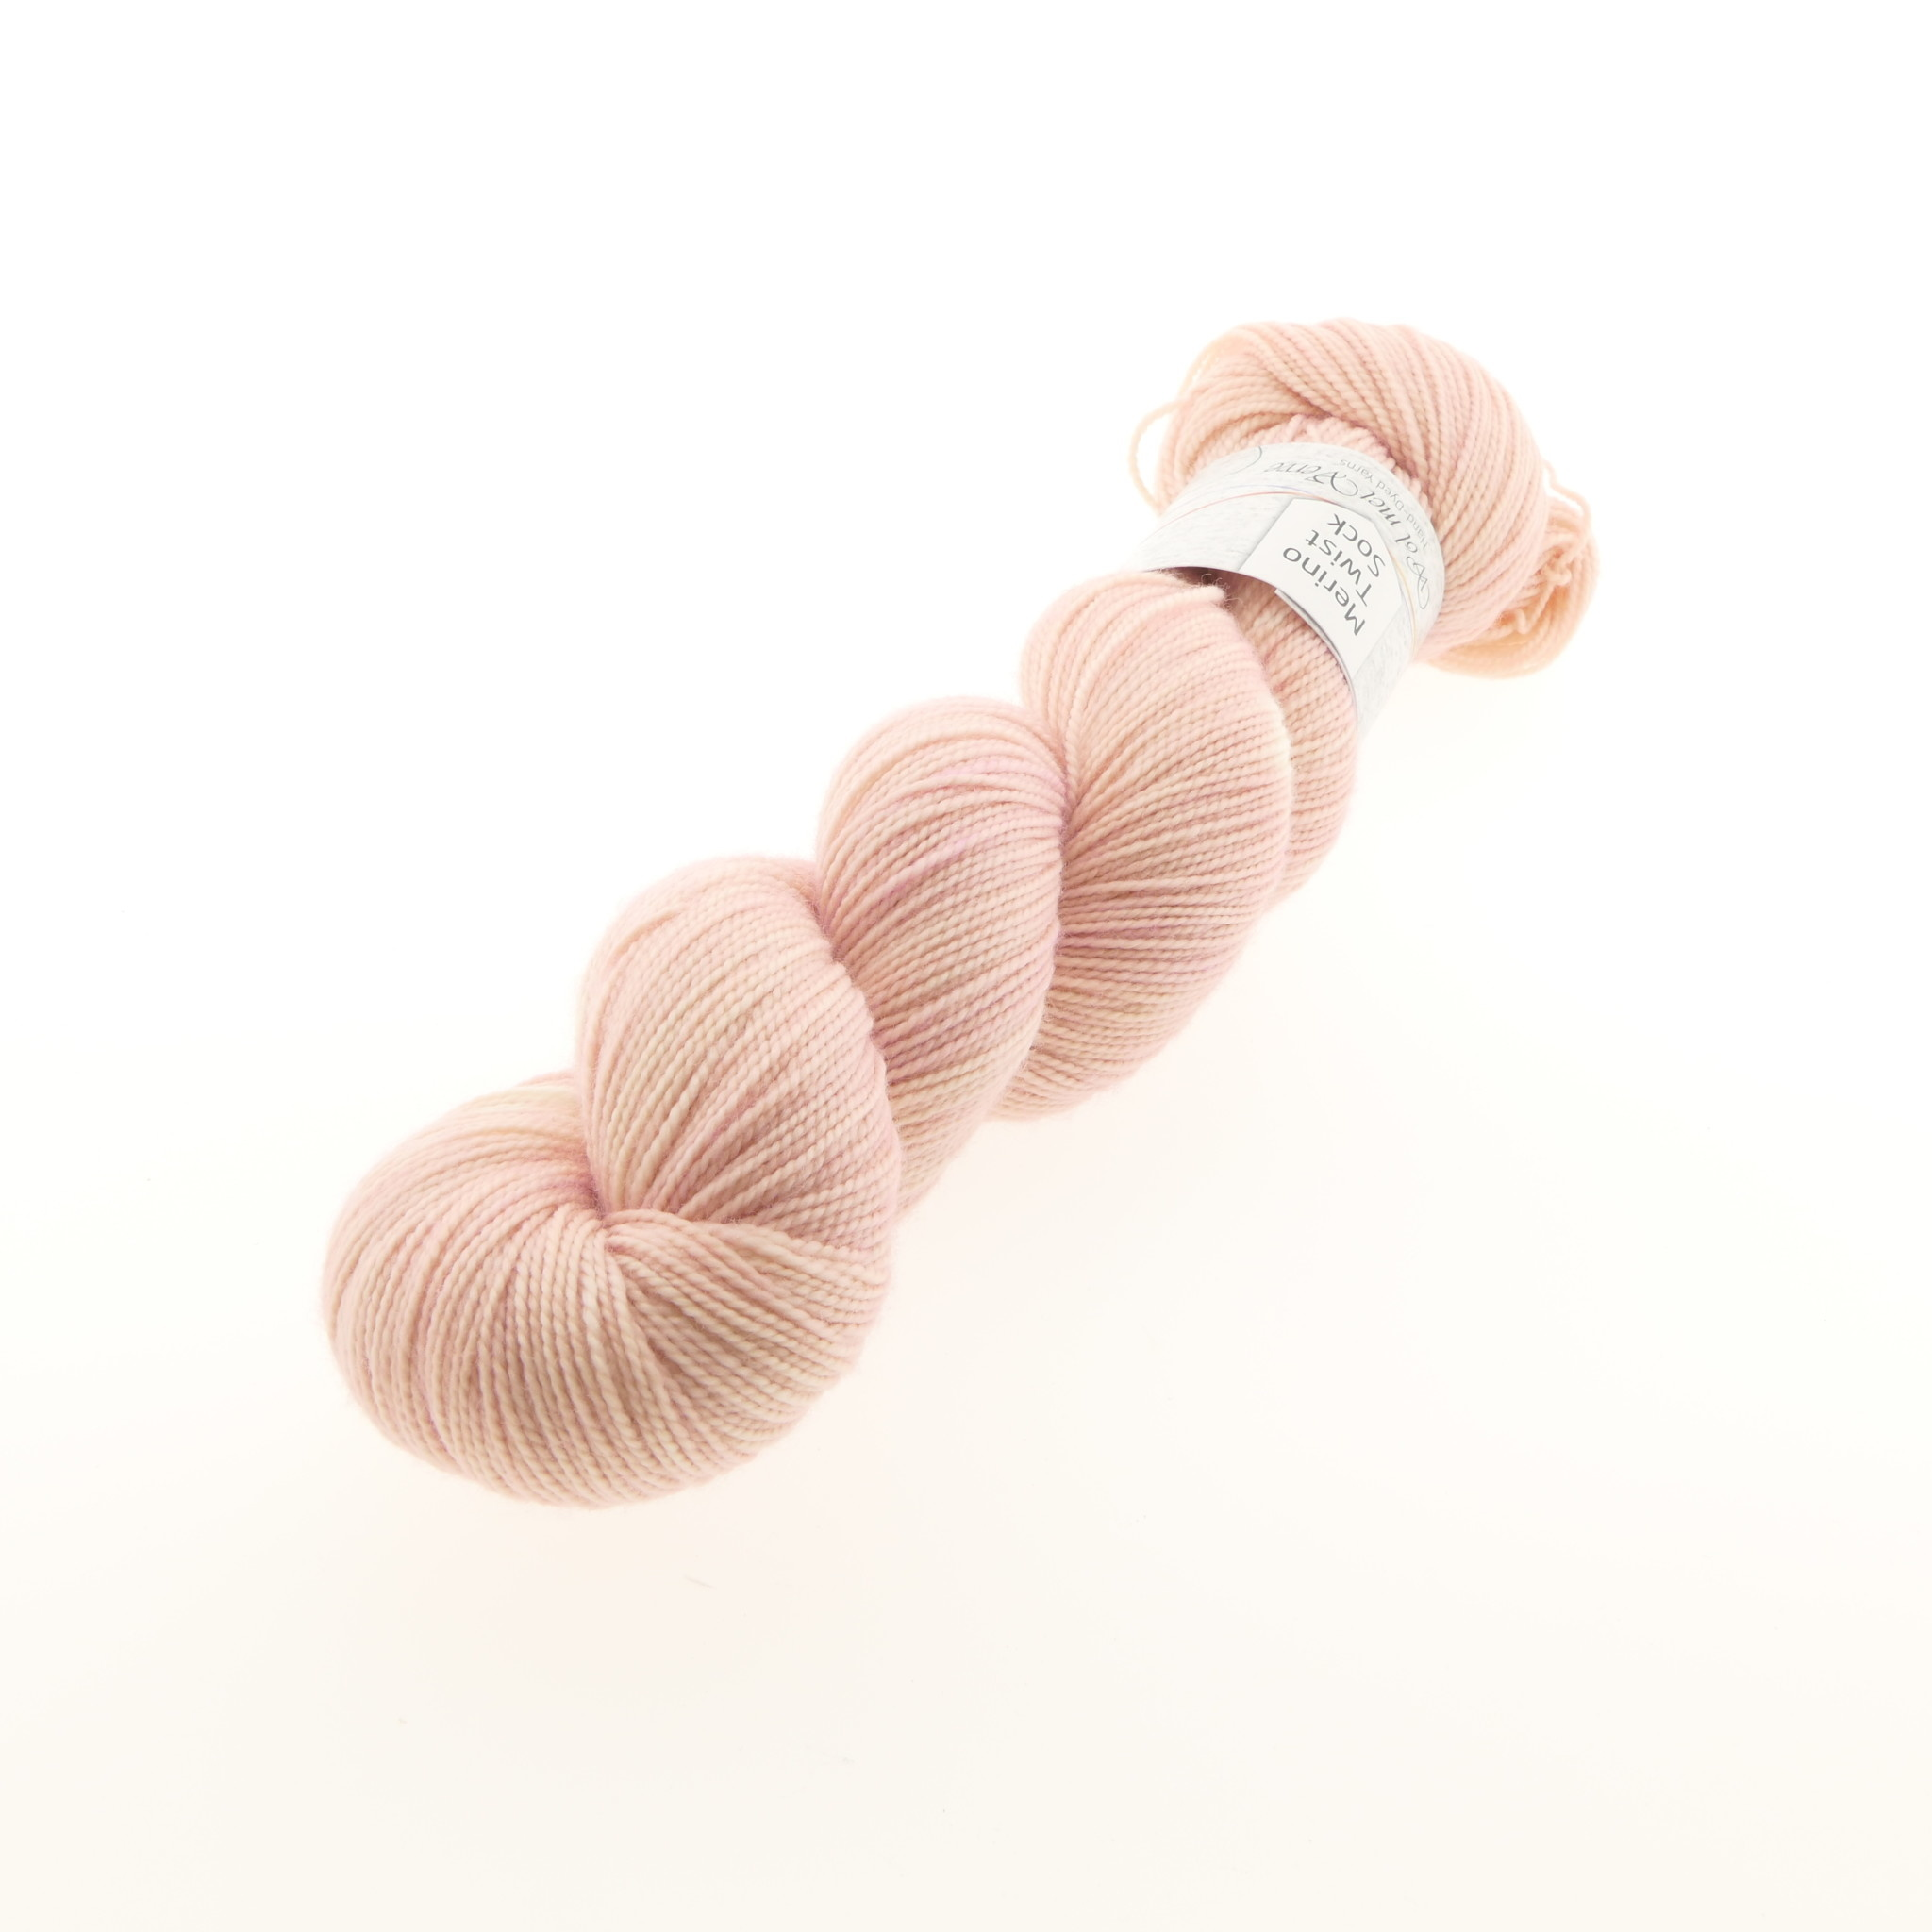 Wol met Verve Wol met Verve Merino Twist Sock - Tie Dye Seashell Pink